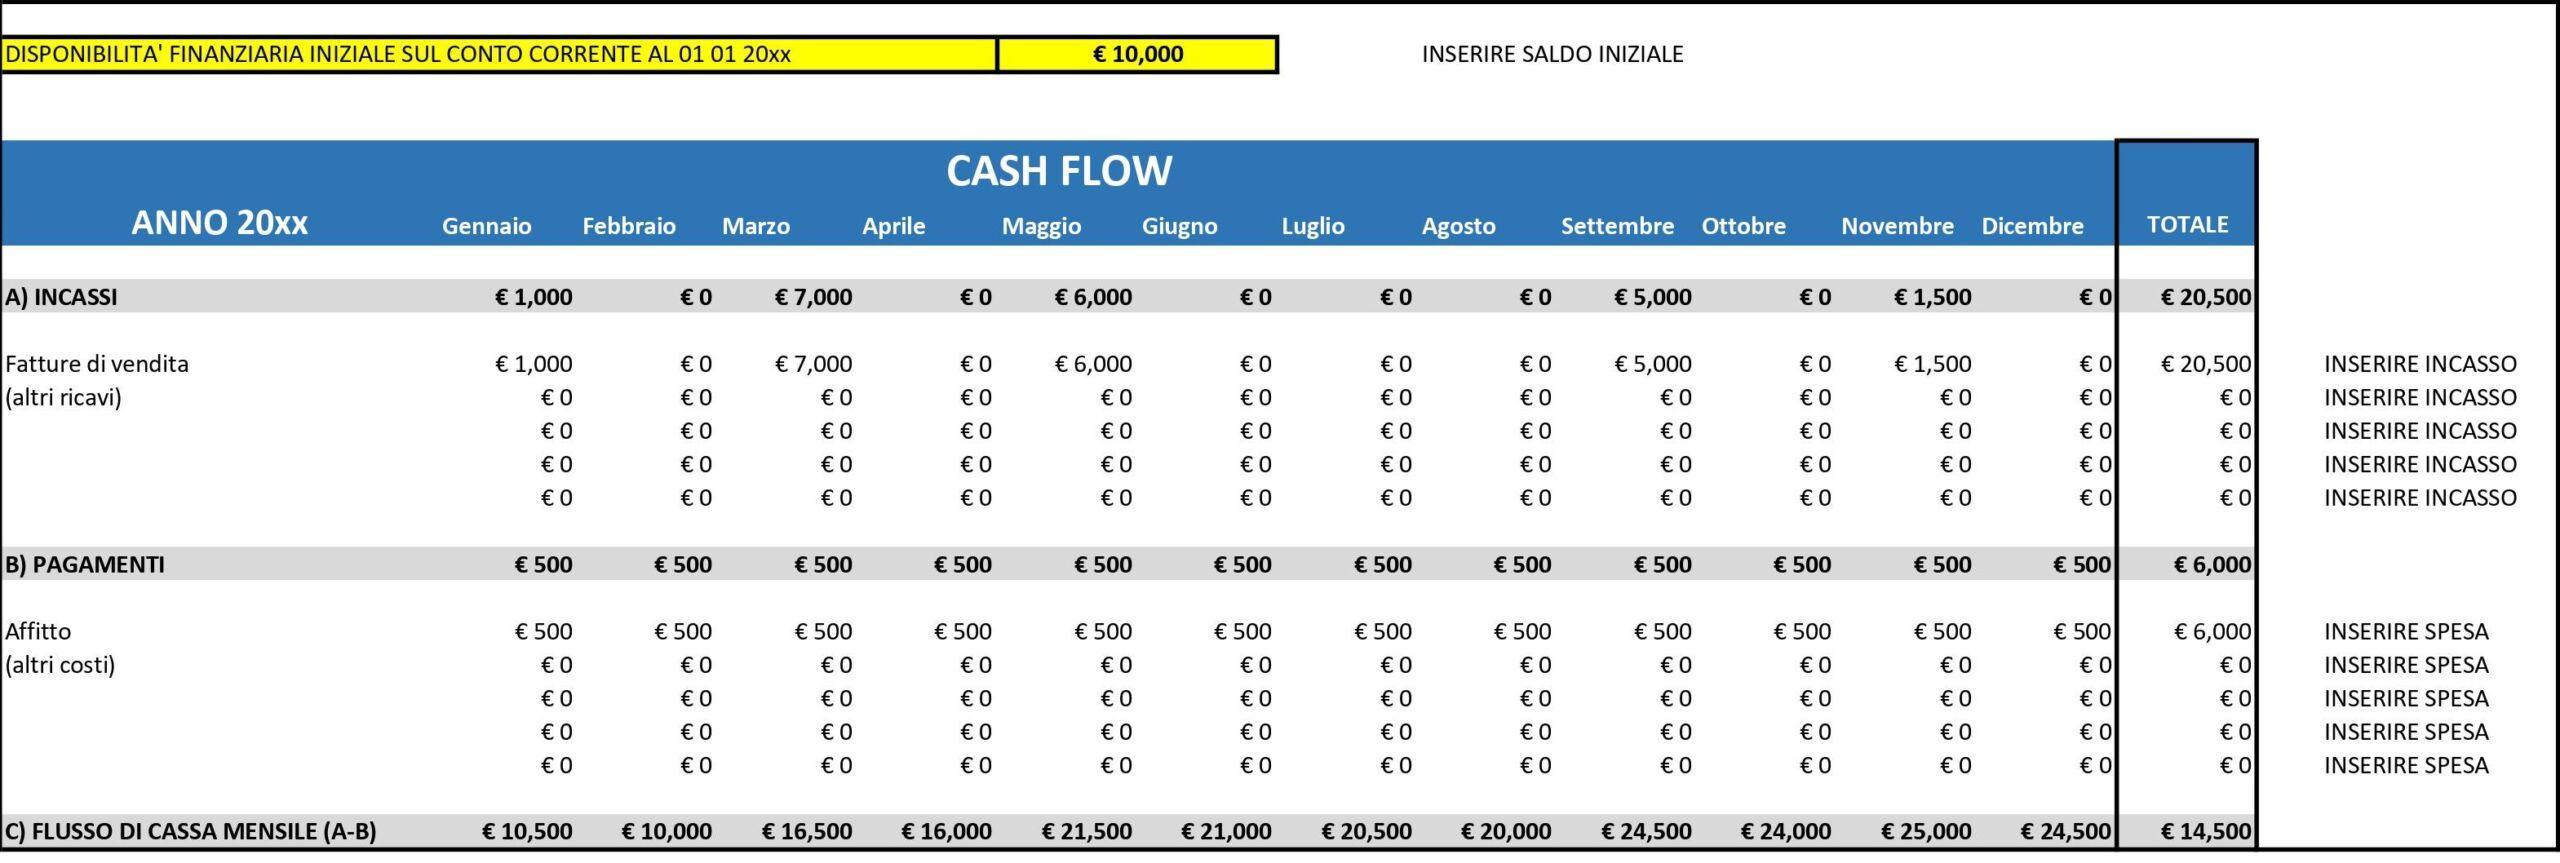 Come controllare l'equilibrio finanziario